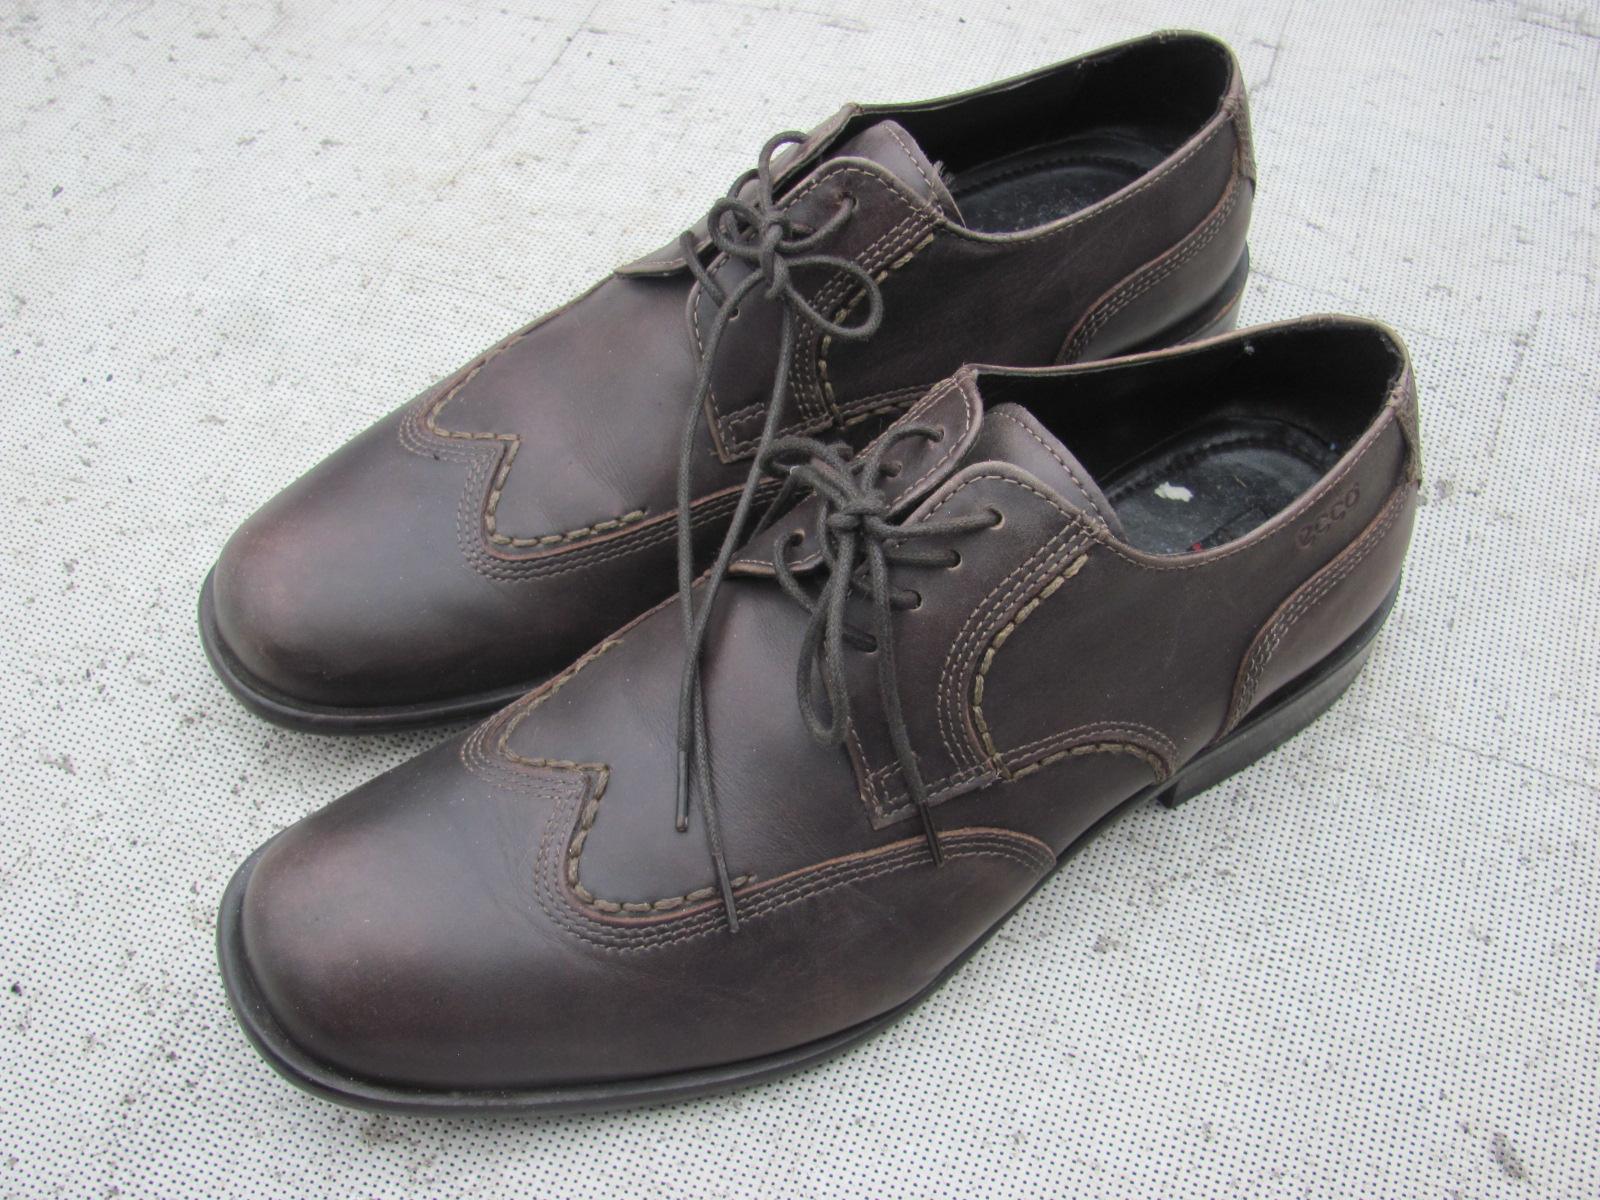 Buty męskie ECCO roz 41 / dł. wkładki 26.5 cm